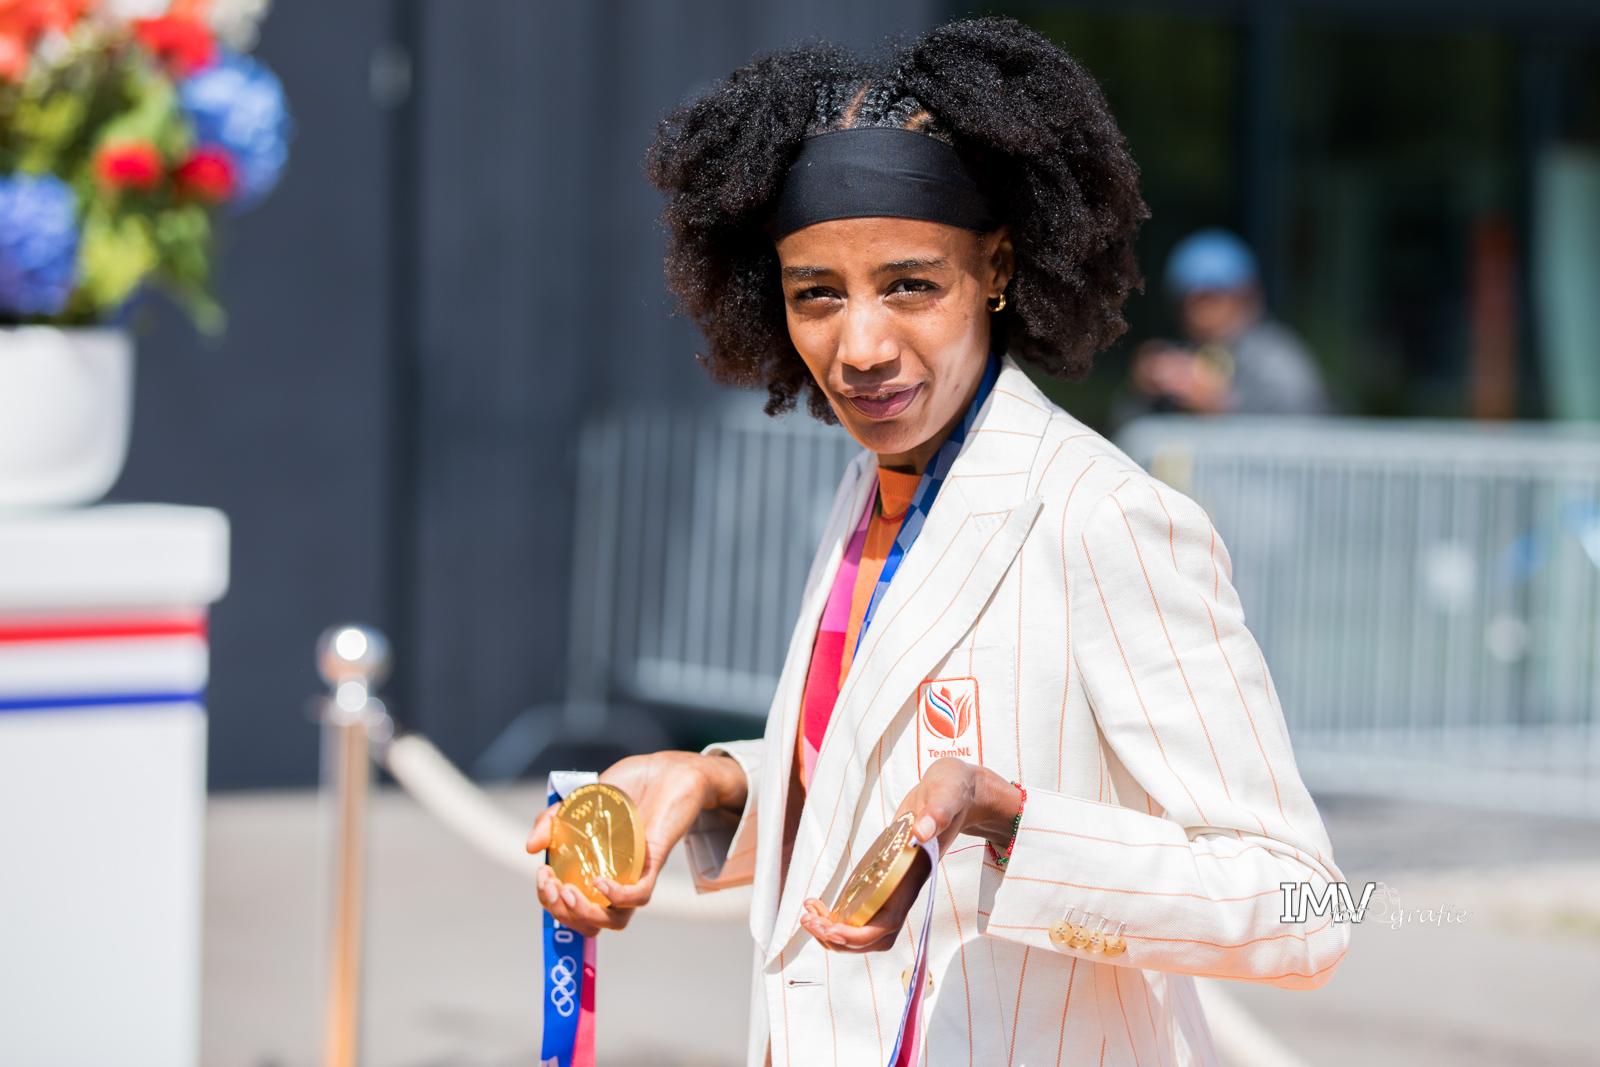 Huldiging olympische sporters Den Haag 10 augustus 2021